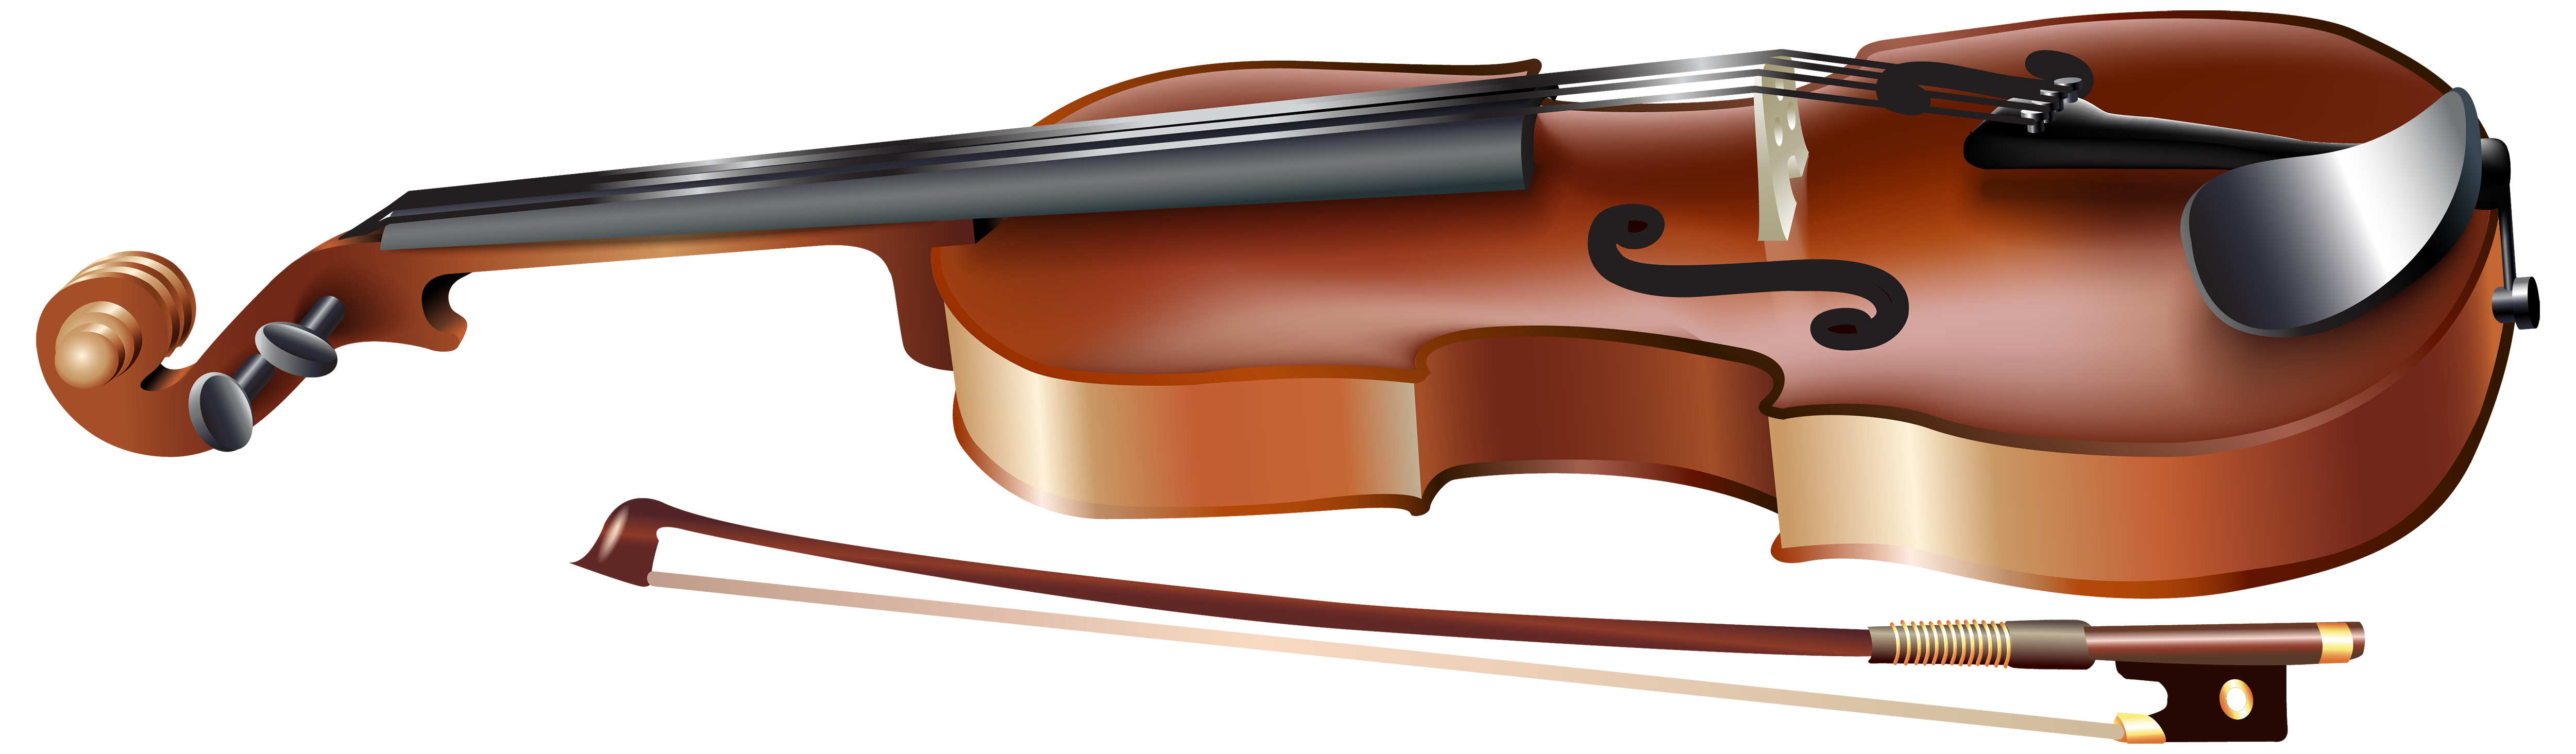 Violin clipart realistic